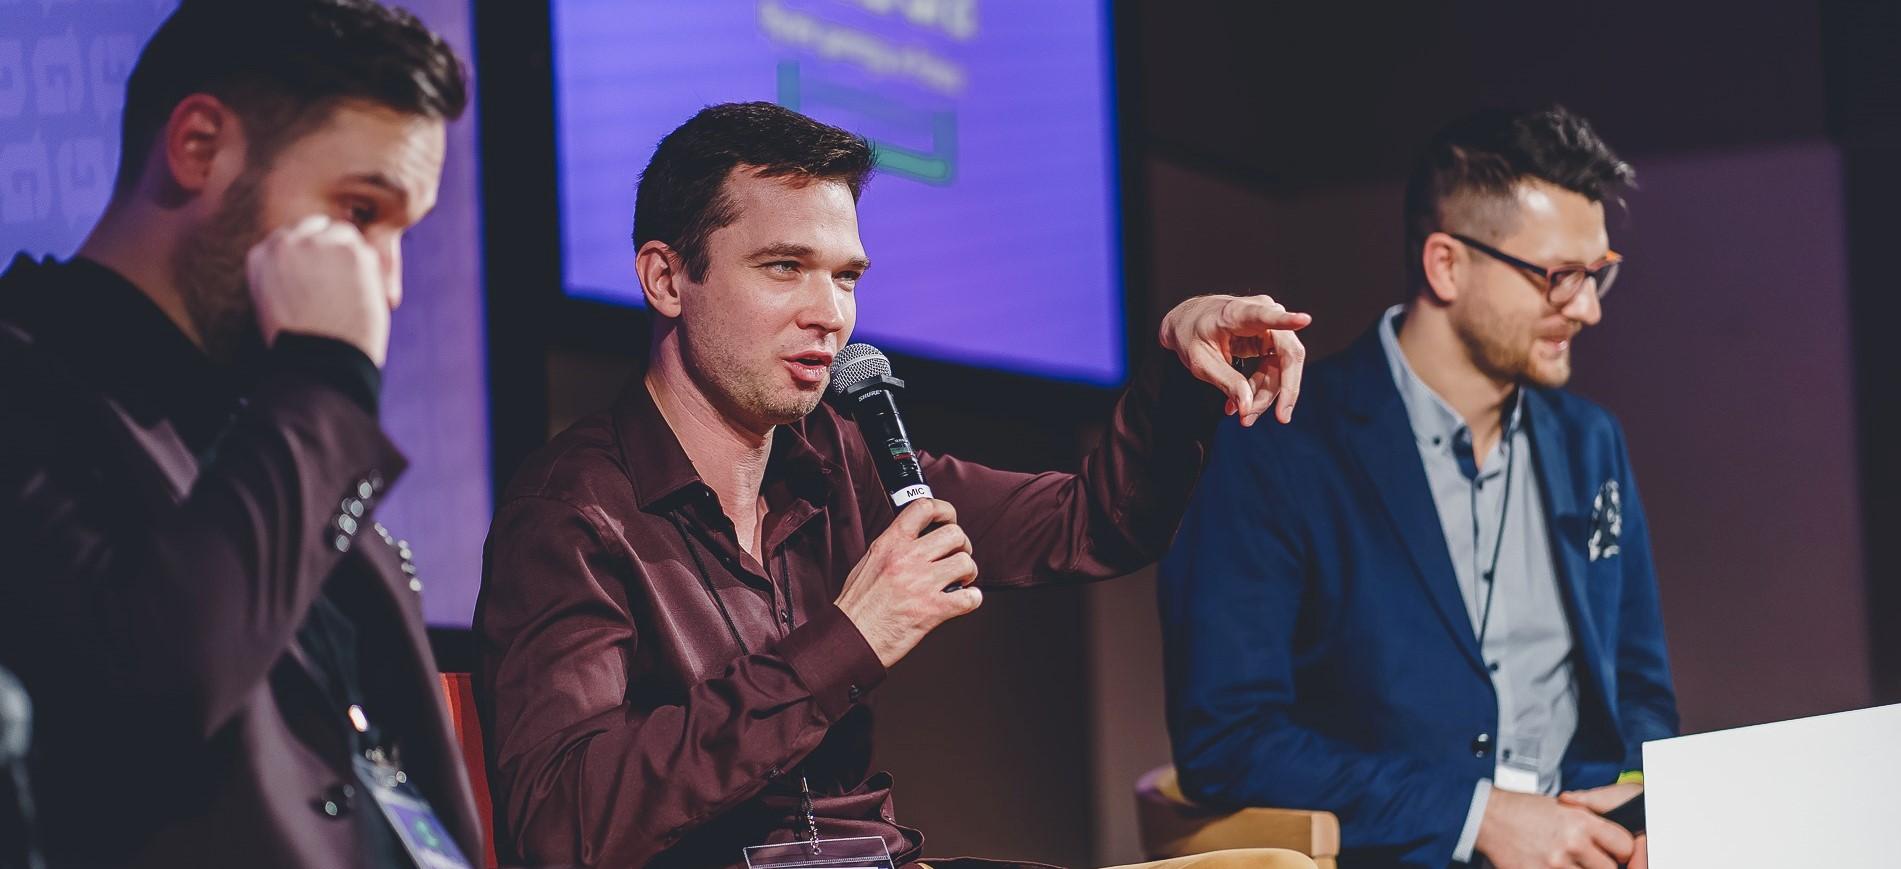 """Borys Musielak из SMOK Ventures: """"Когда вы берете деньги у венчурного фонда, вы должны быть психологически готовы в будущем продать свою компанию""""."""